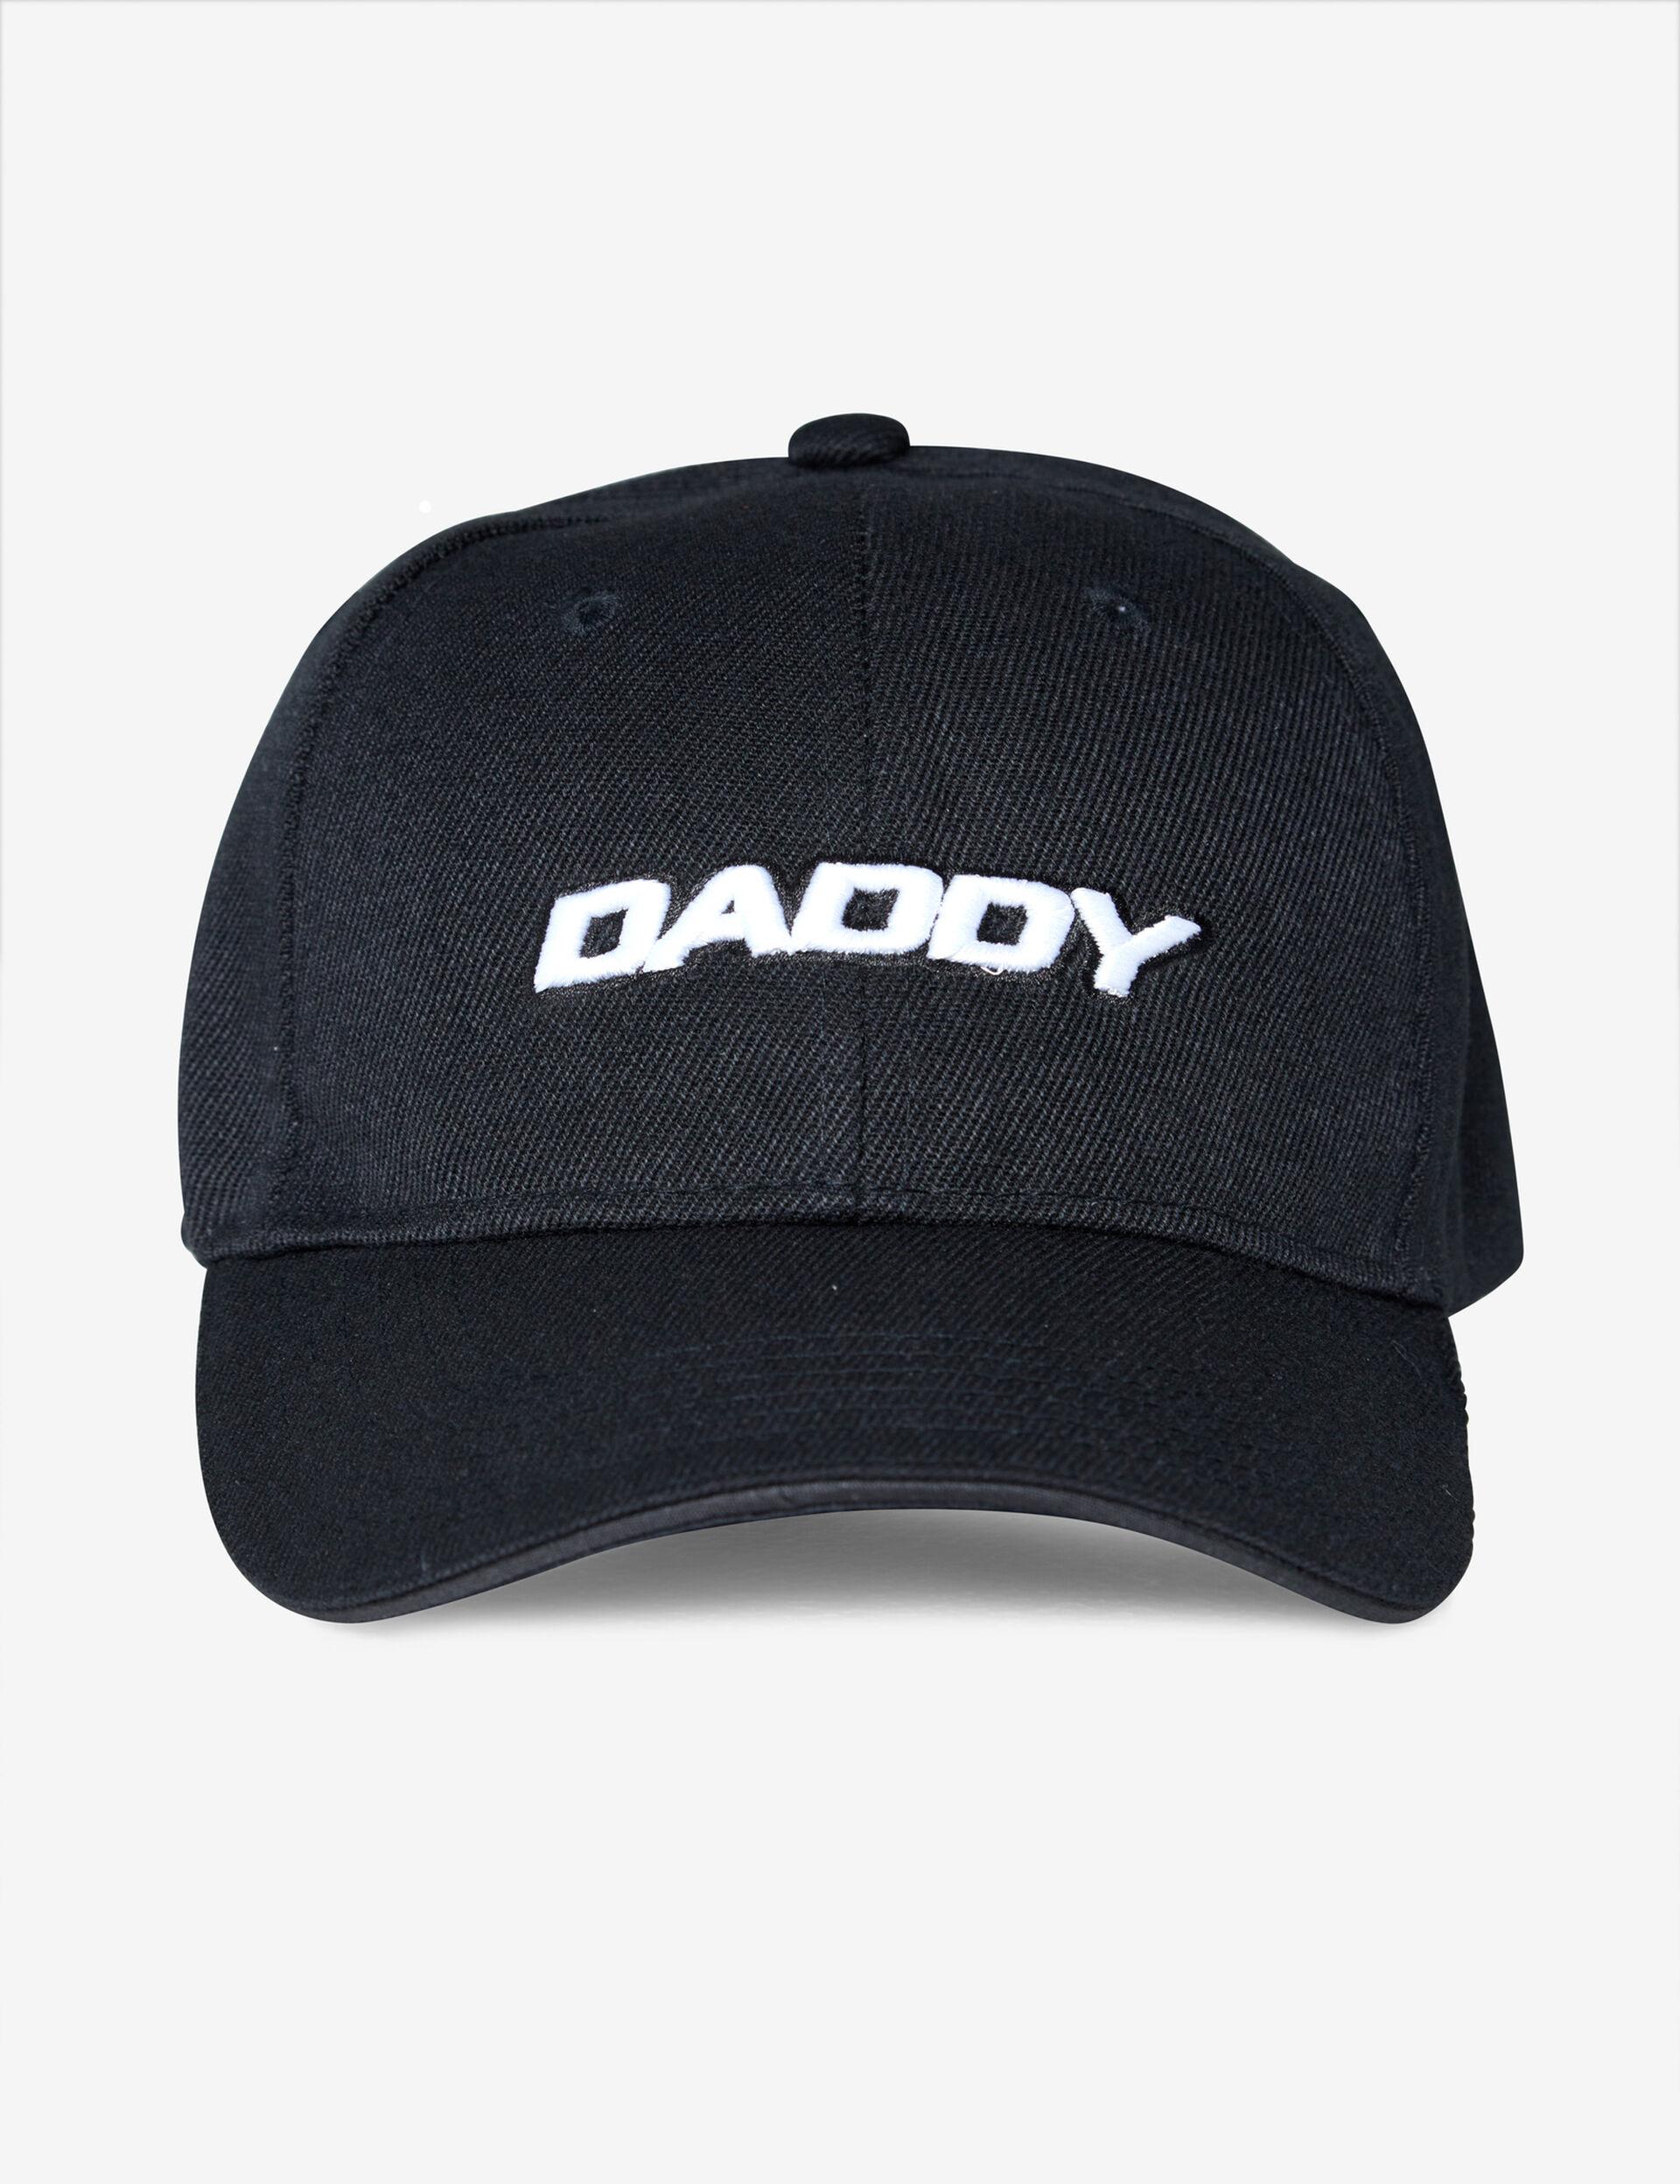 Brad cap with slogan